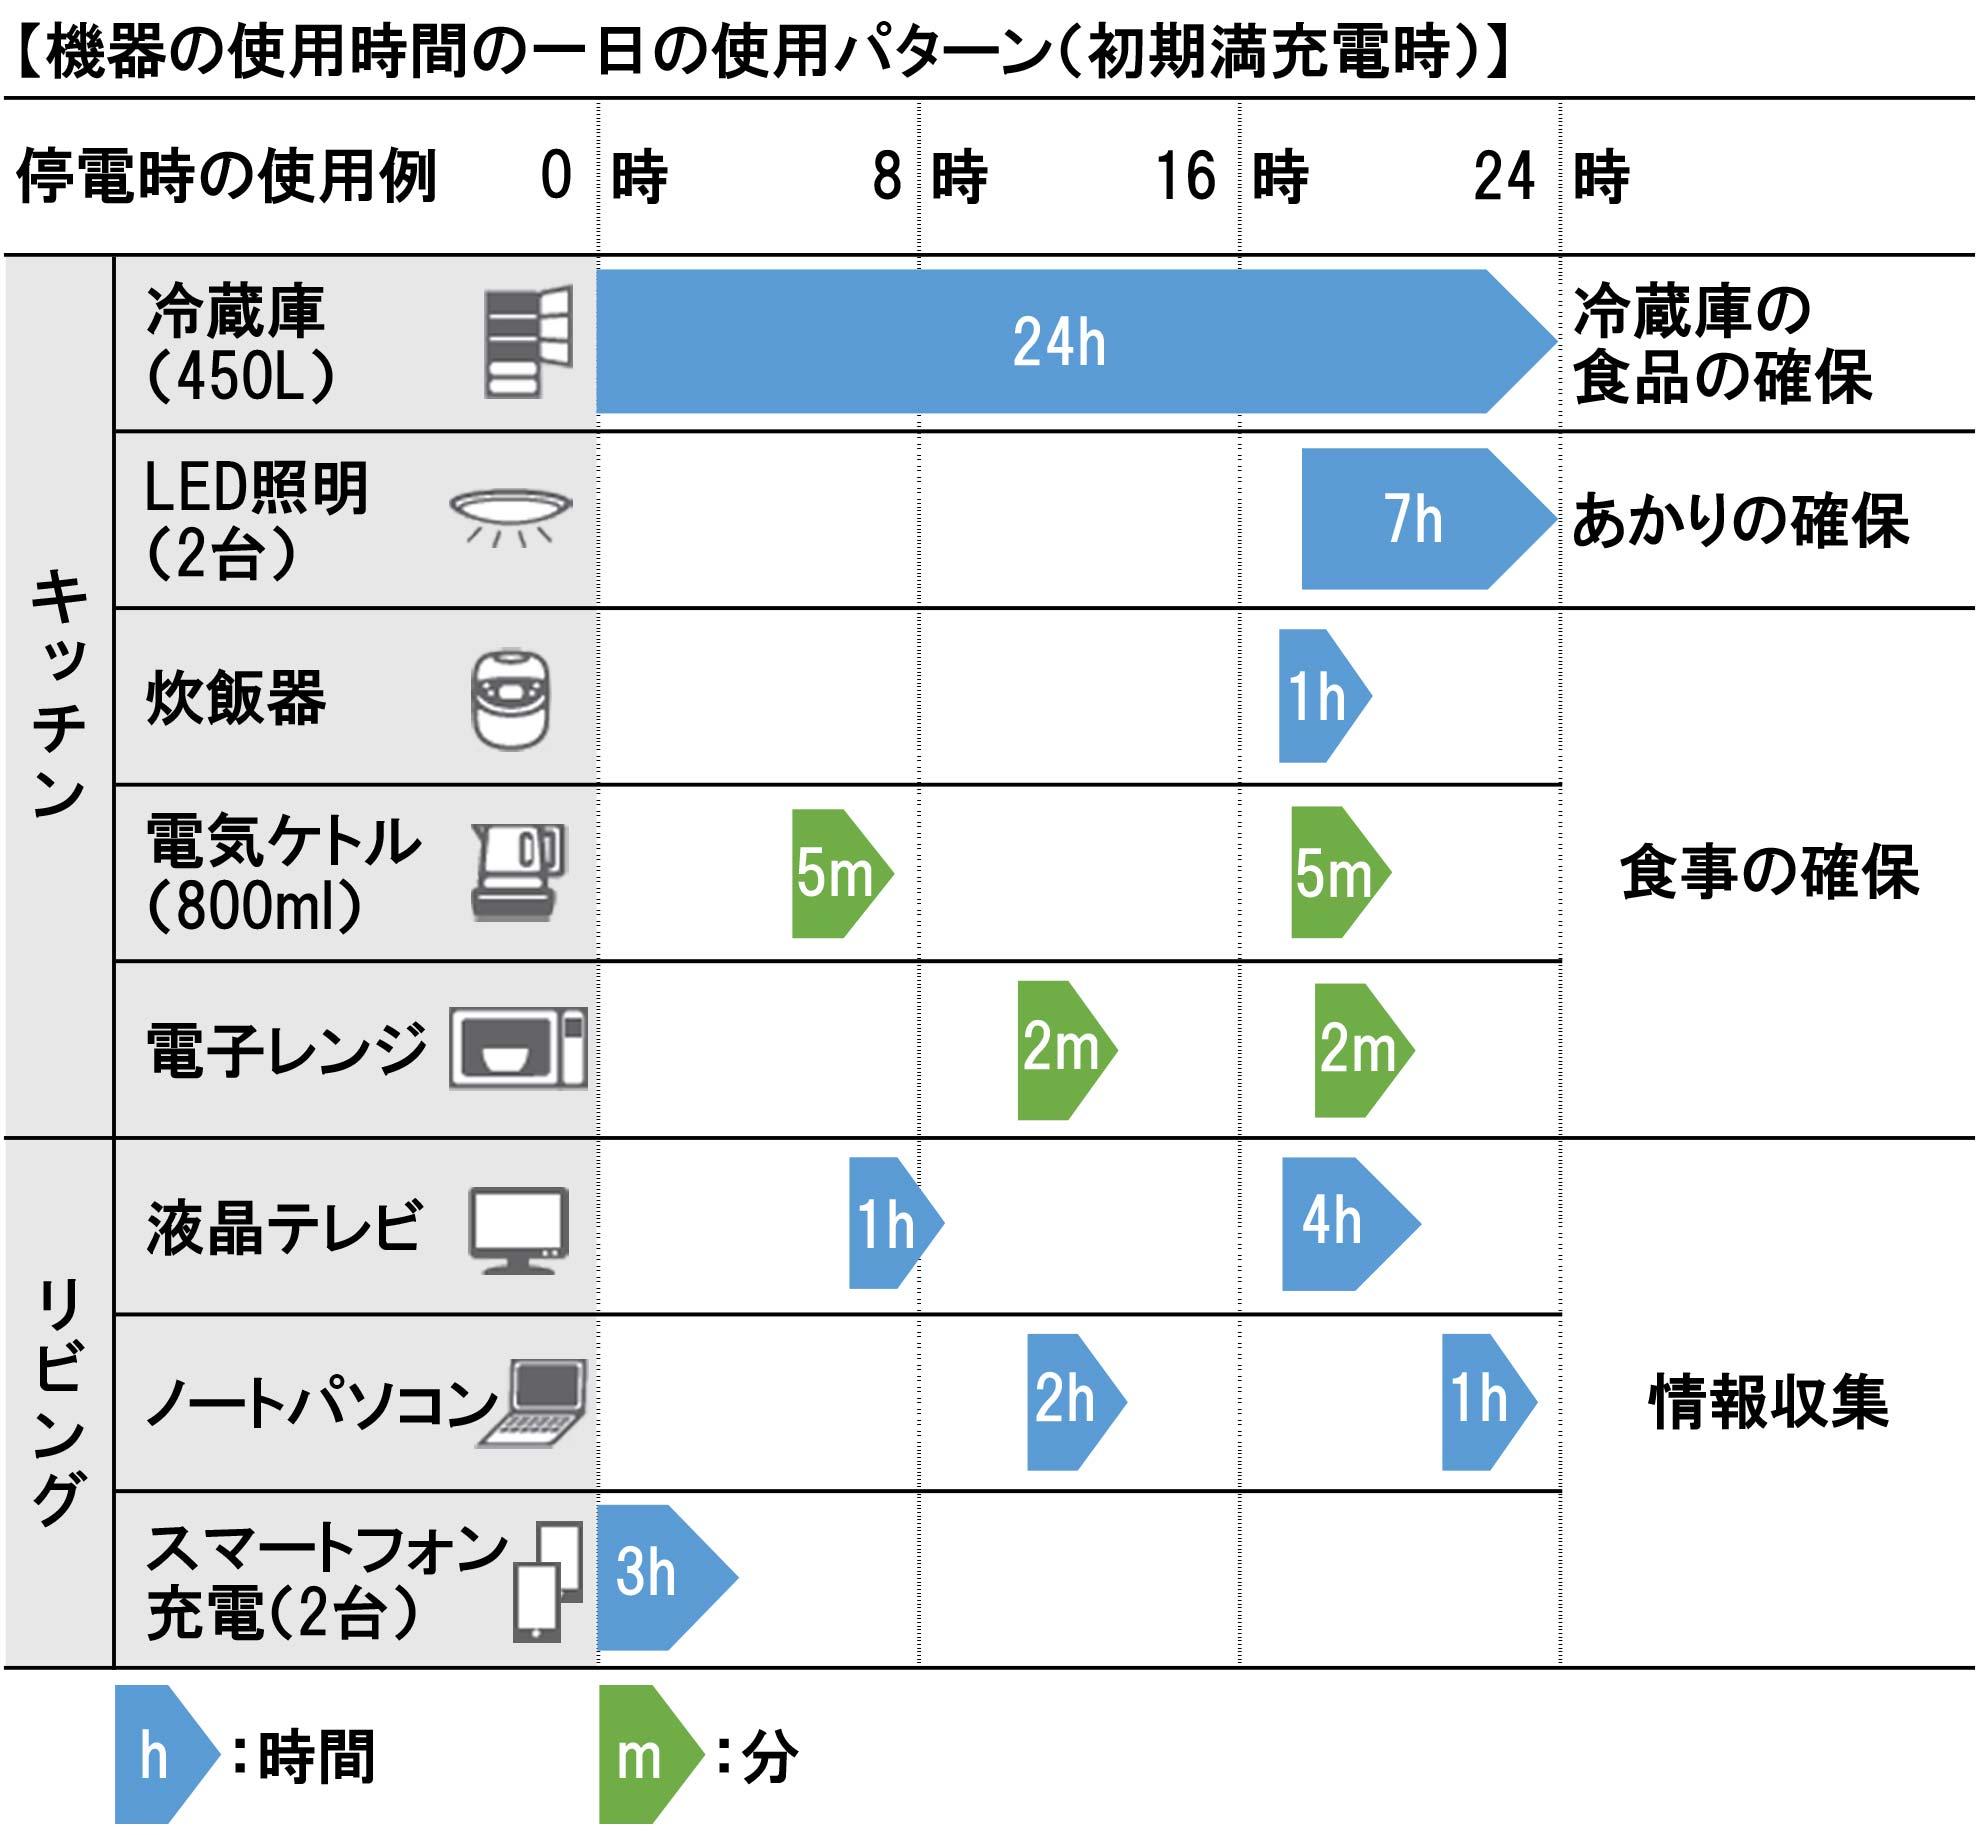 機器の使用時間の一日の使用パターン(初期満充電時)